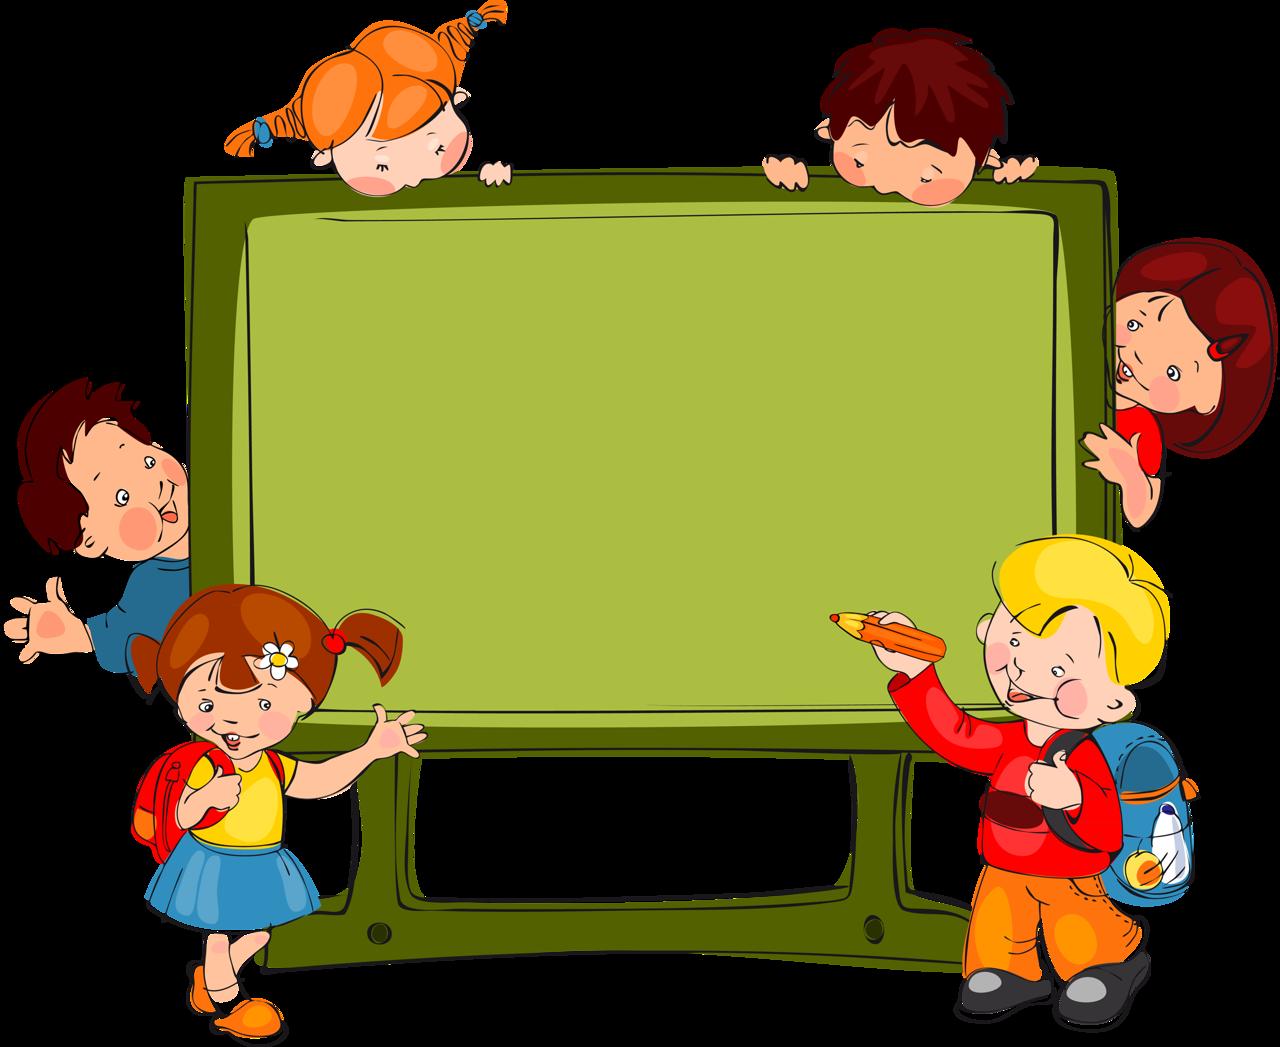 Kids playing at school clipart clipart black and white stock Résultat de recherche d'images pour